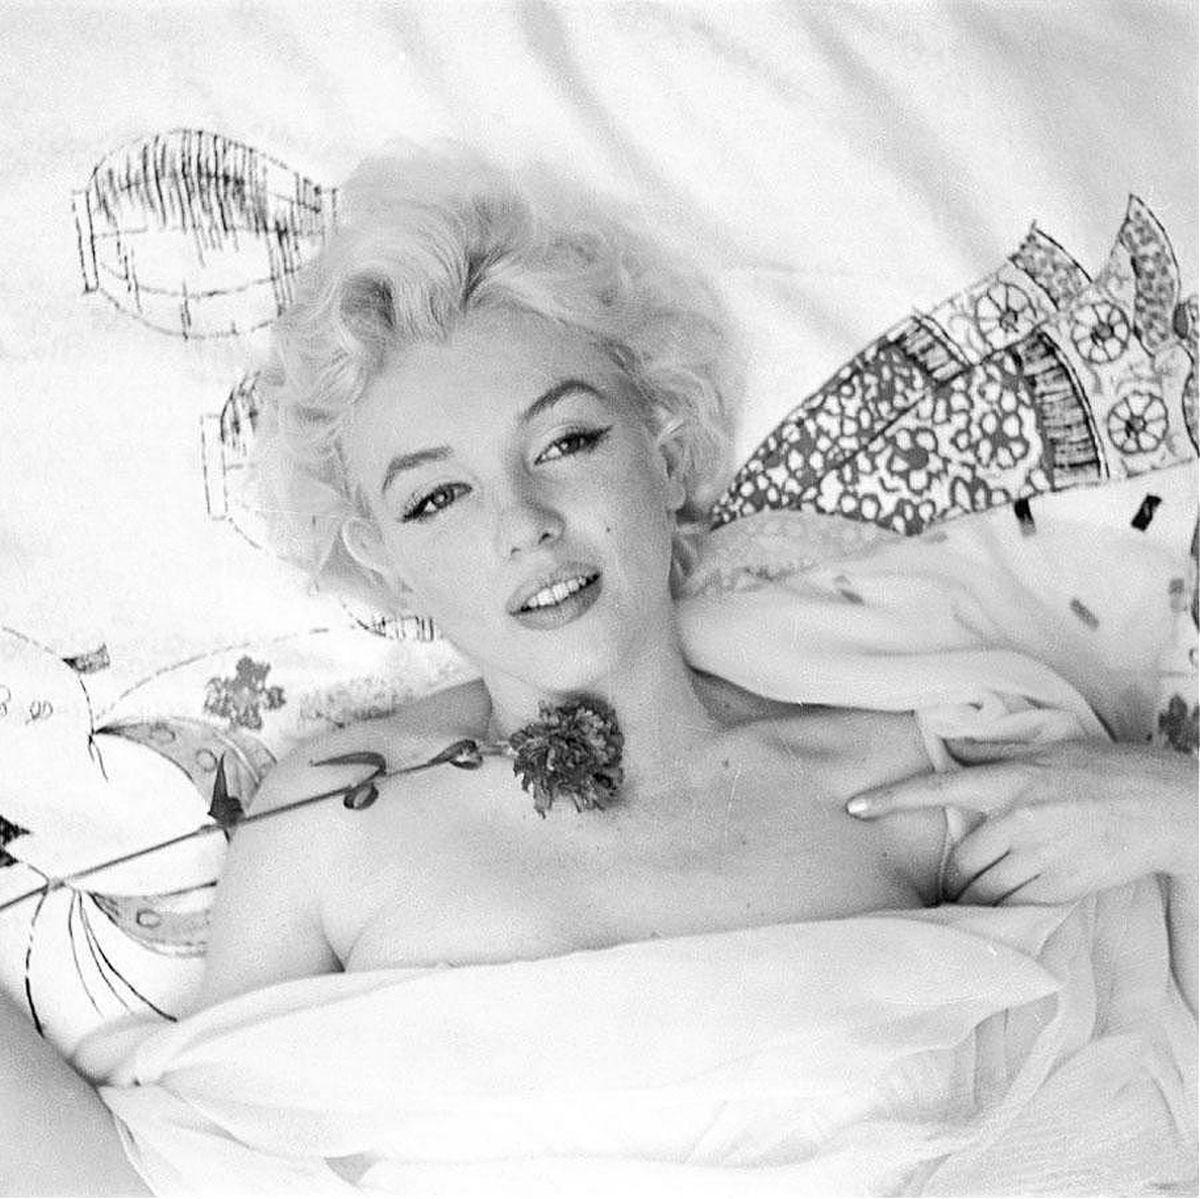 Marilyn In Bed With Roses Marilyn Monroe Marilyn Monroe Photos Marilyn